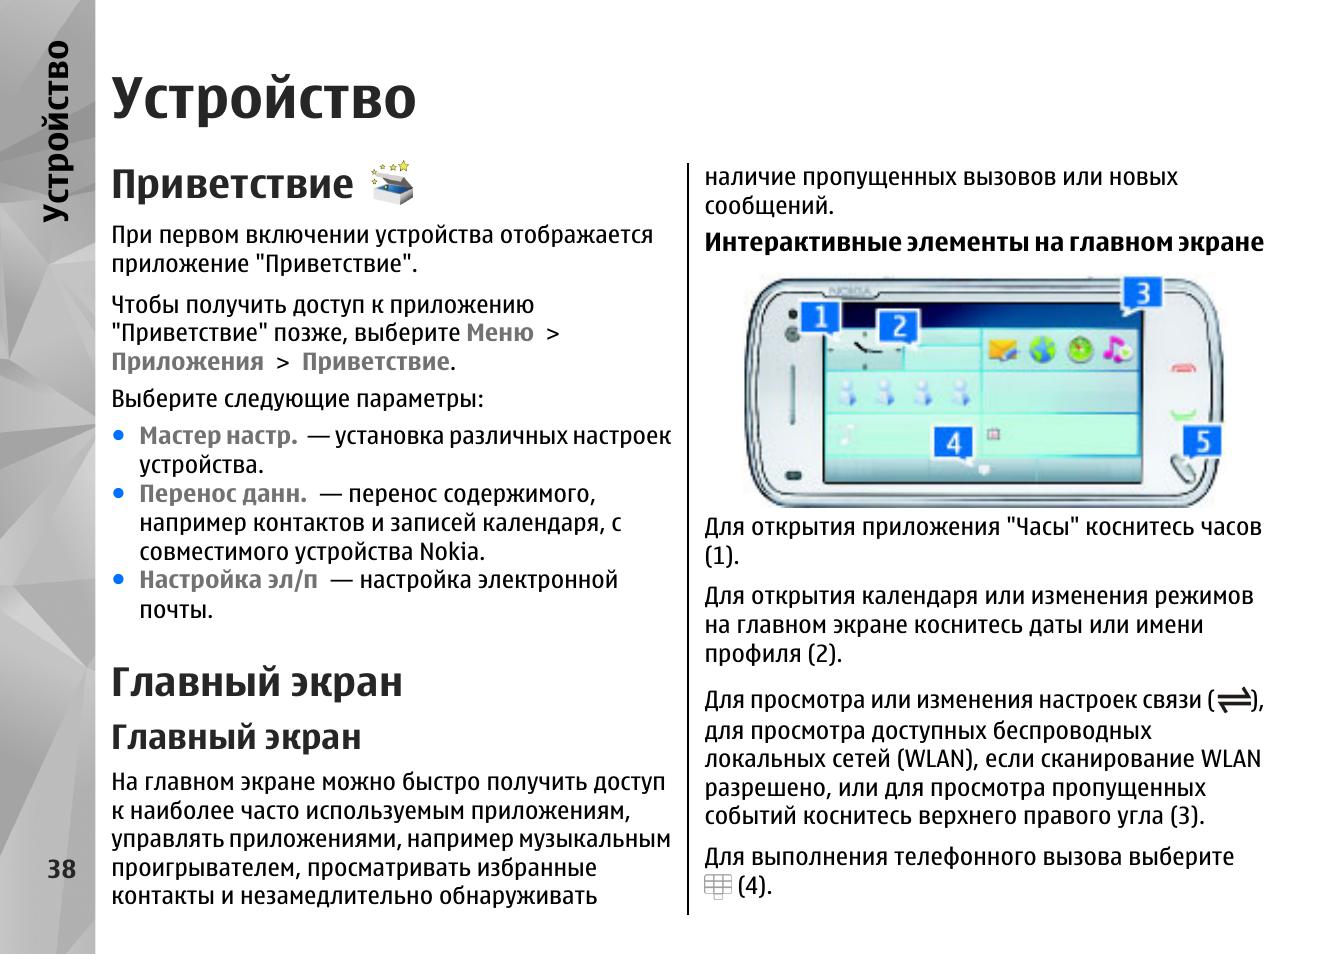 Устройство, Приветствие, Главный экран Инструкция по эксплуатации Nokia N97 Страница 38 / 193